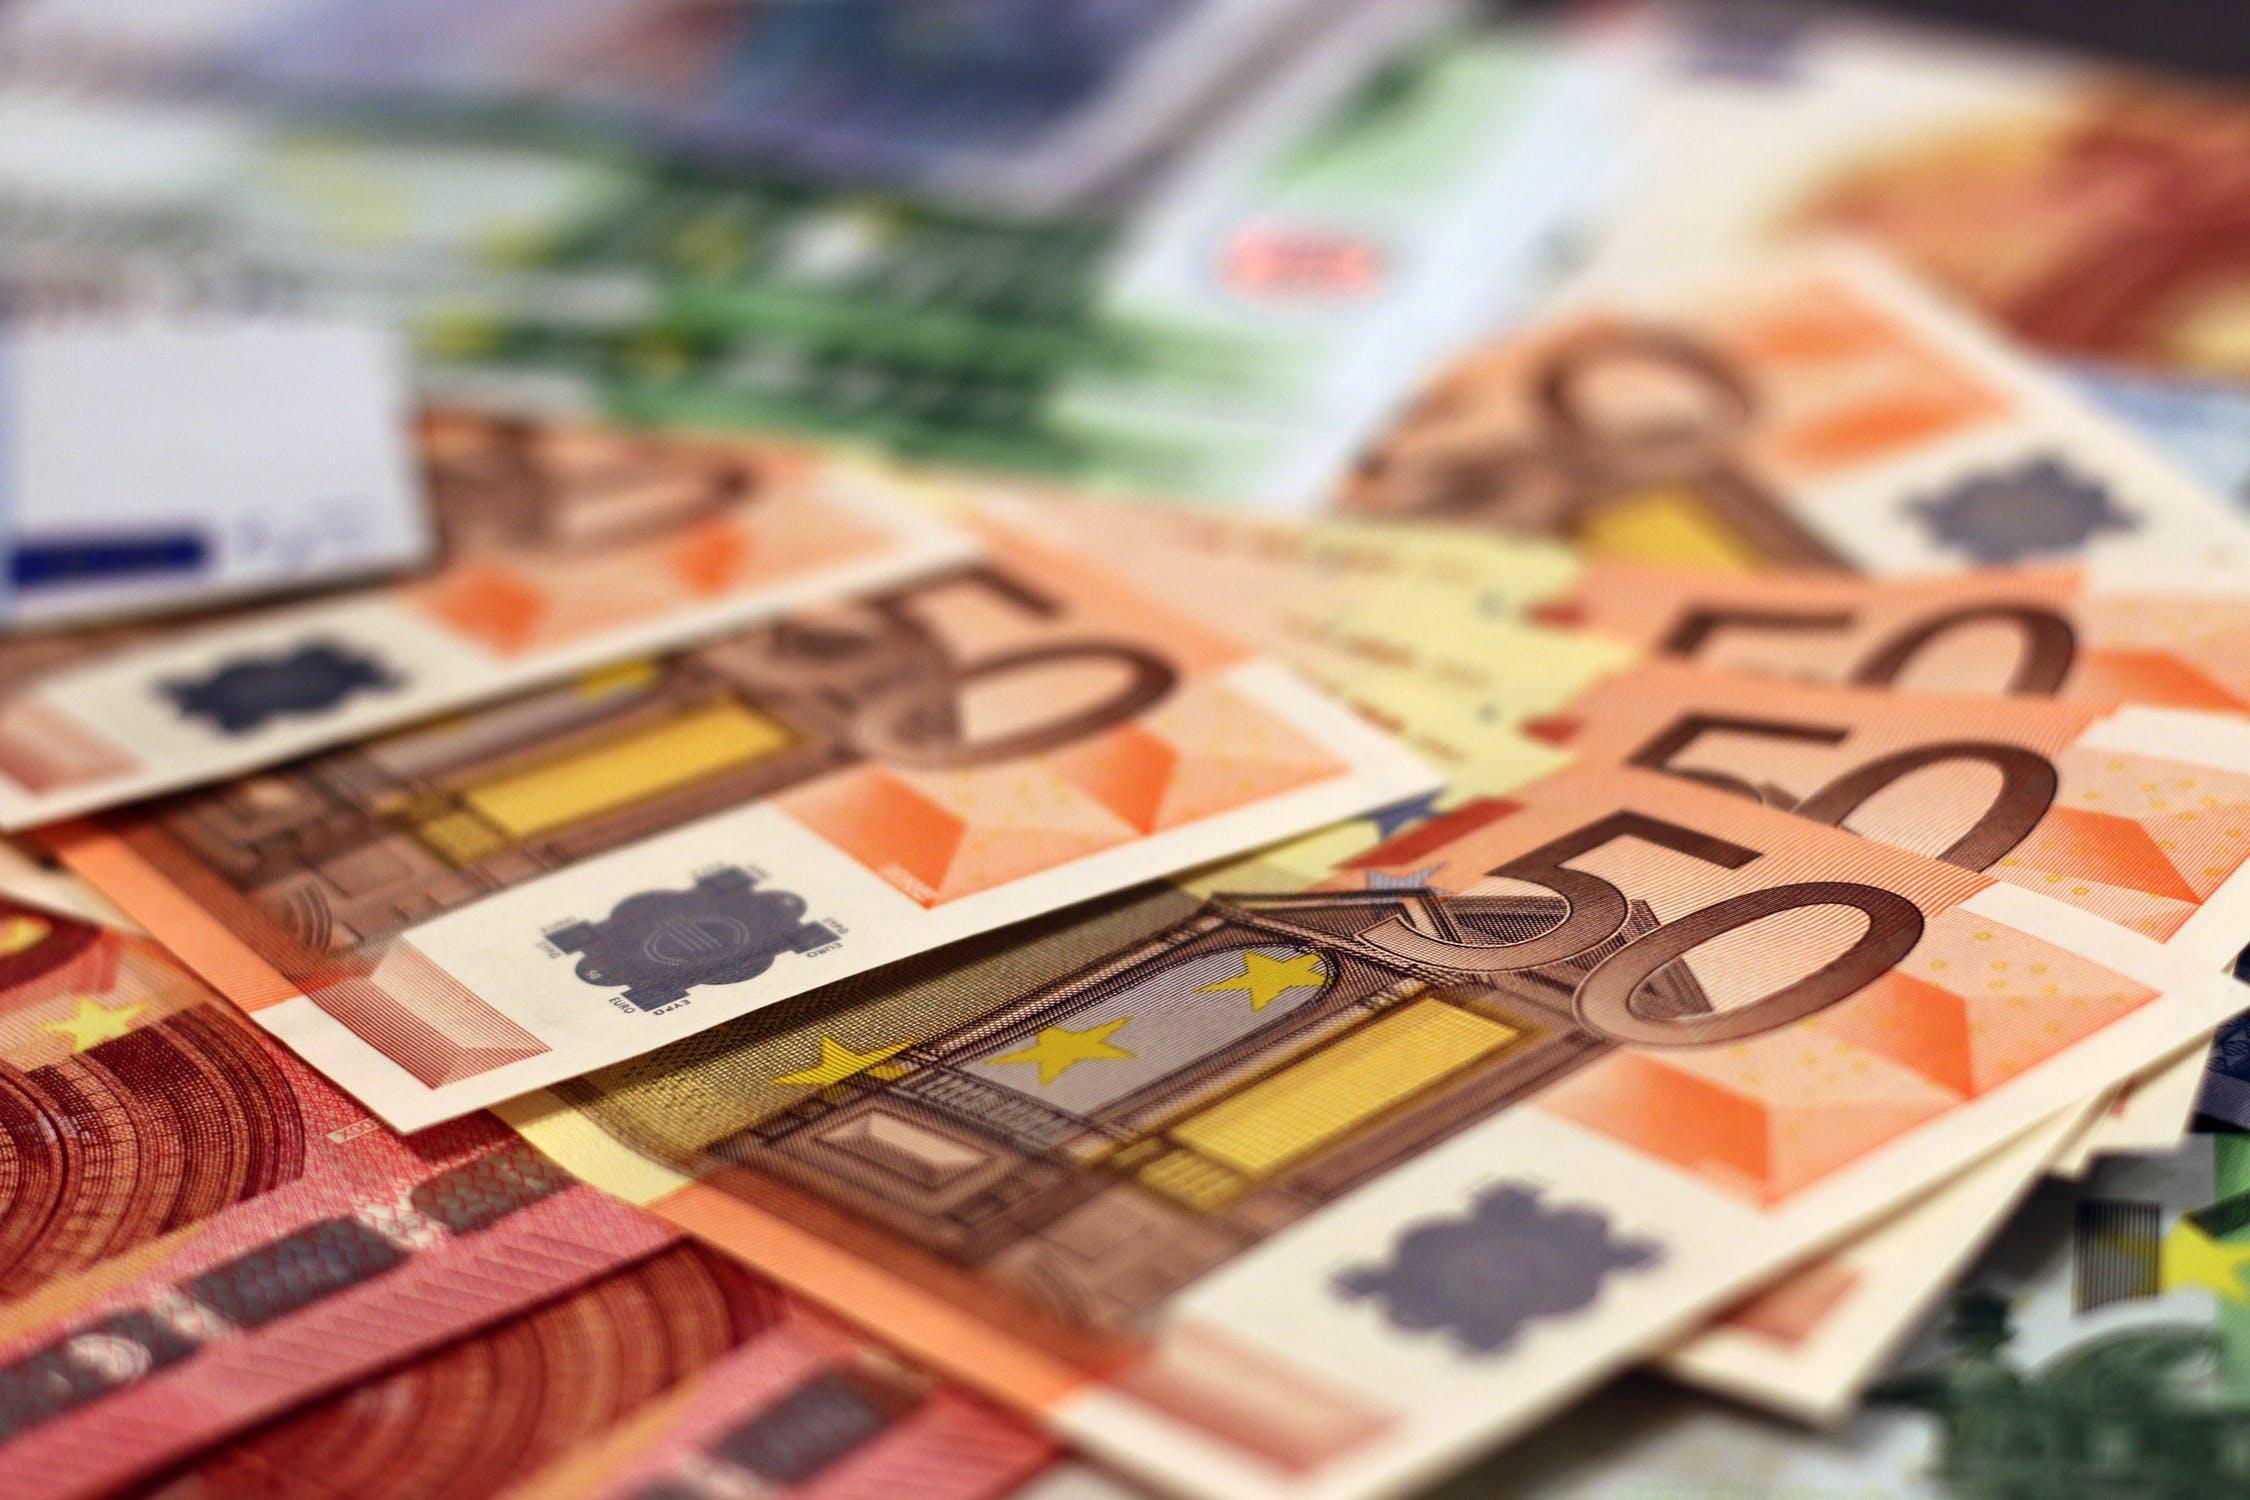 Εργαζόμενοι σε αναστολή: Πόσα χρήματα και πότε θα τα λάβουν - Parallaxi  Magazine